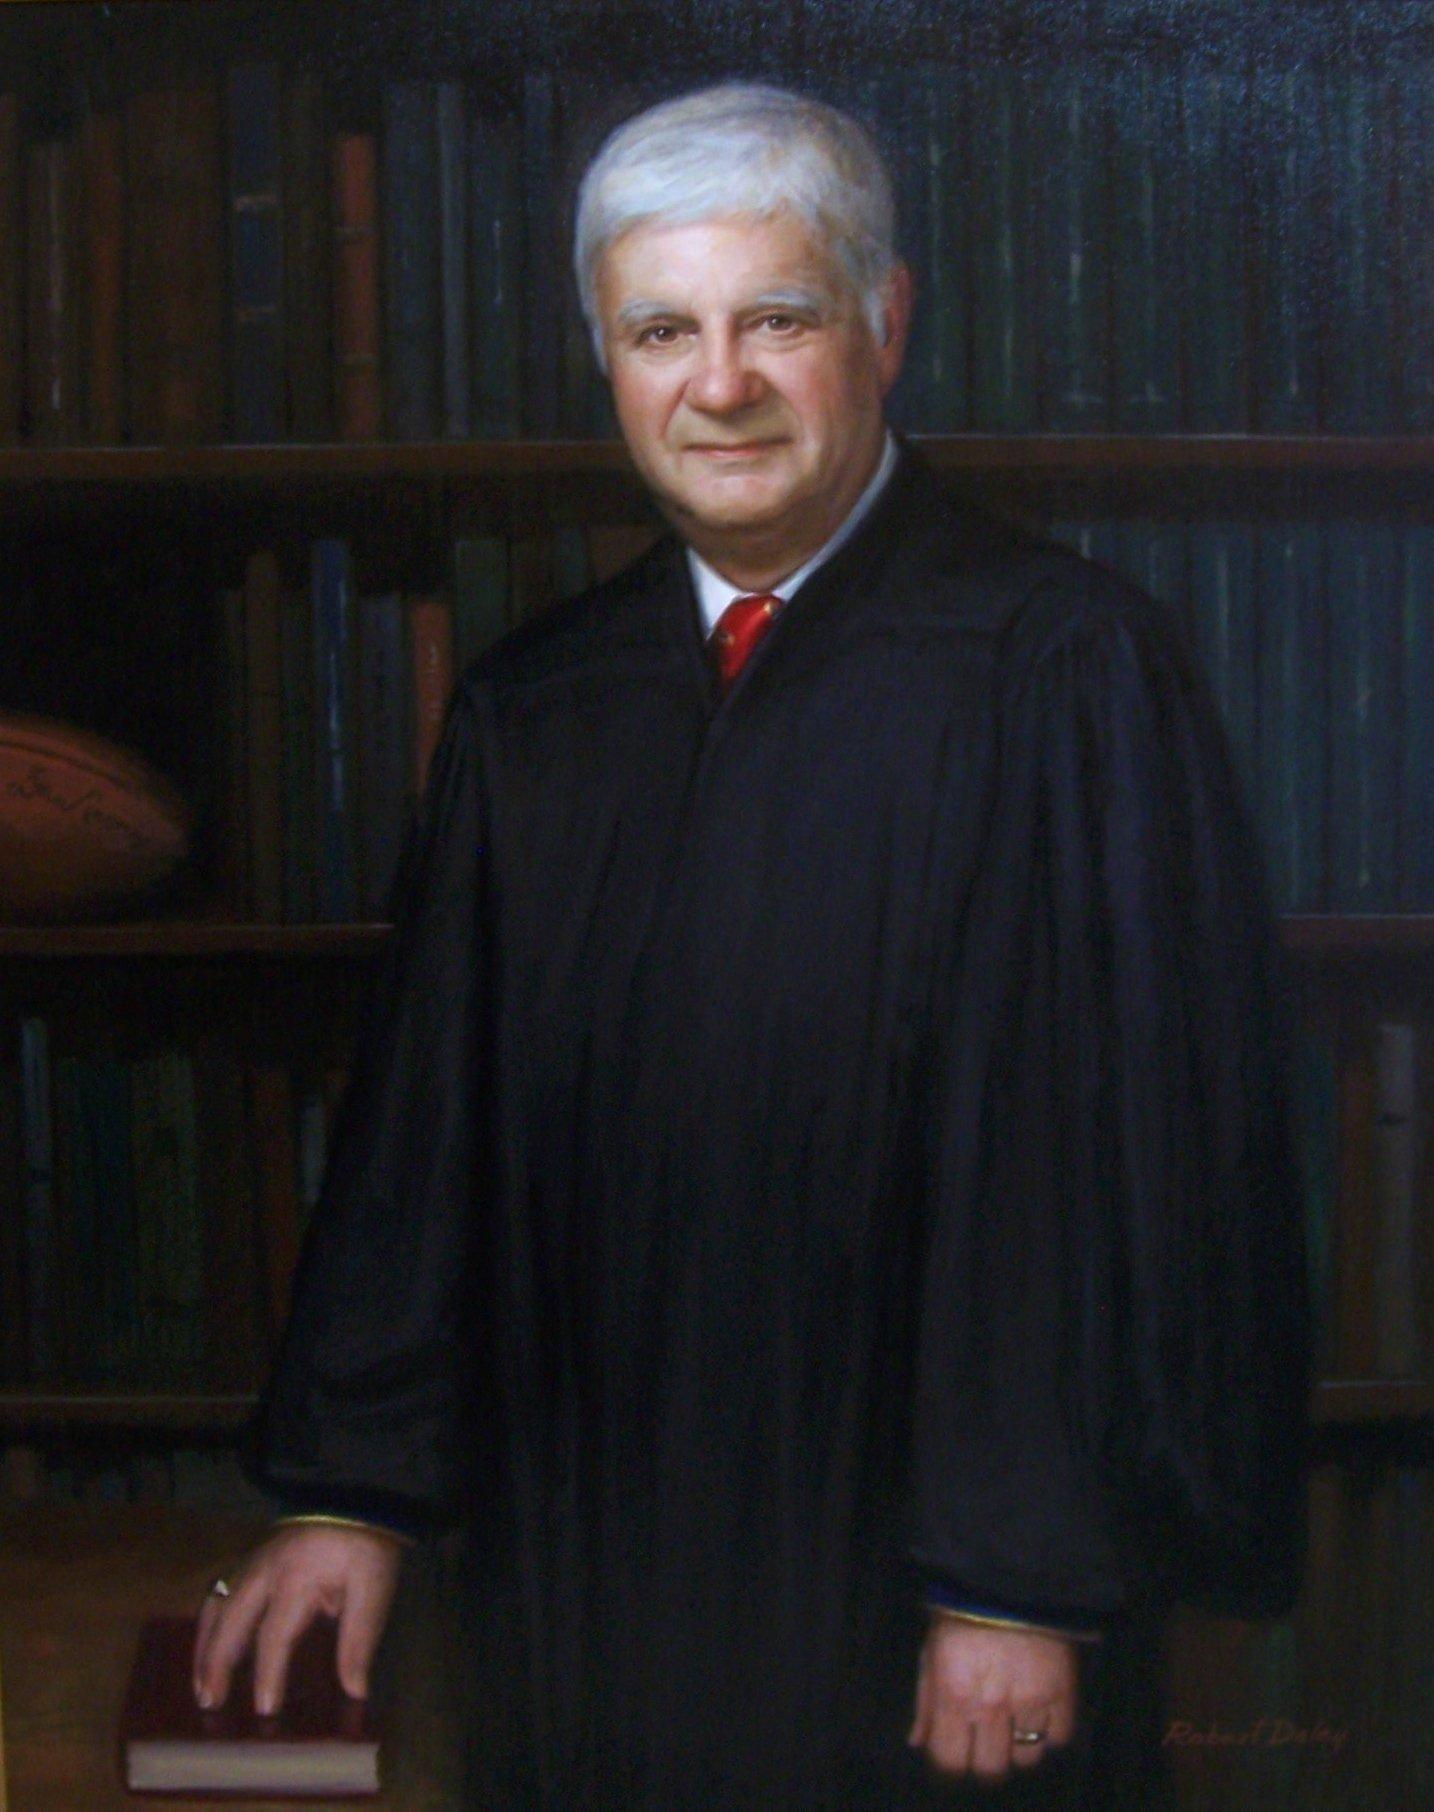 Judge Joseph Del Sole